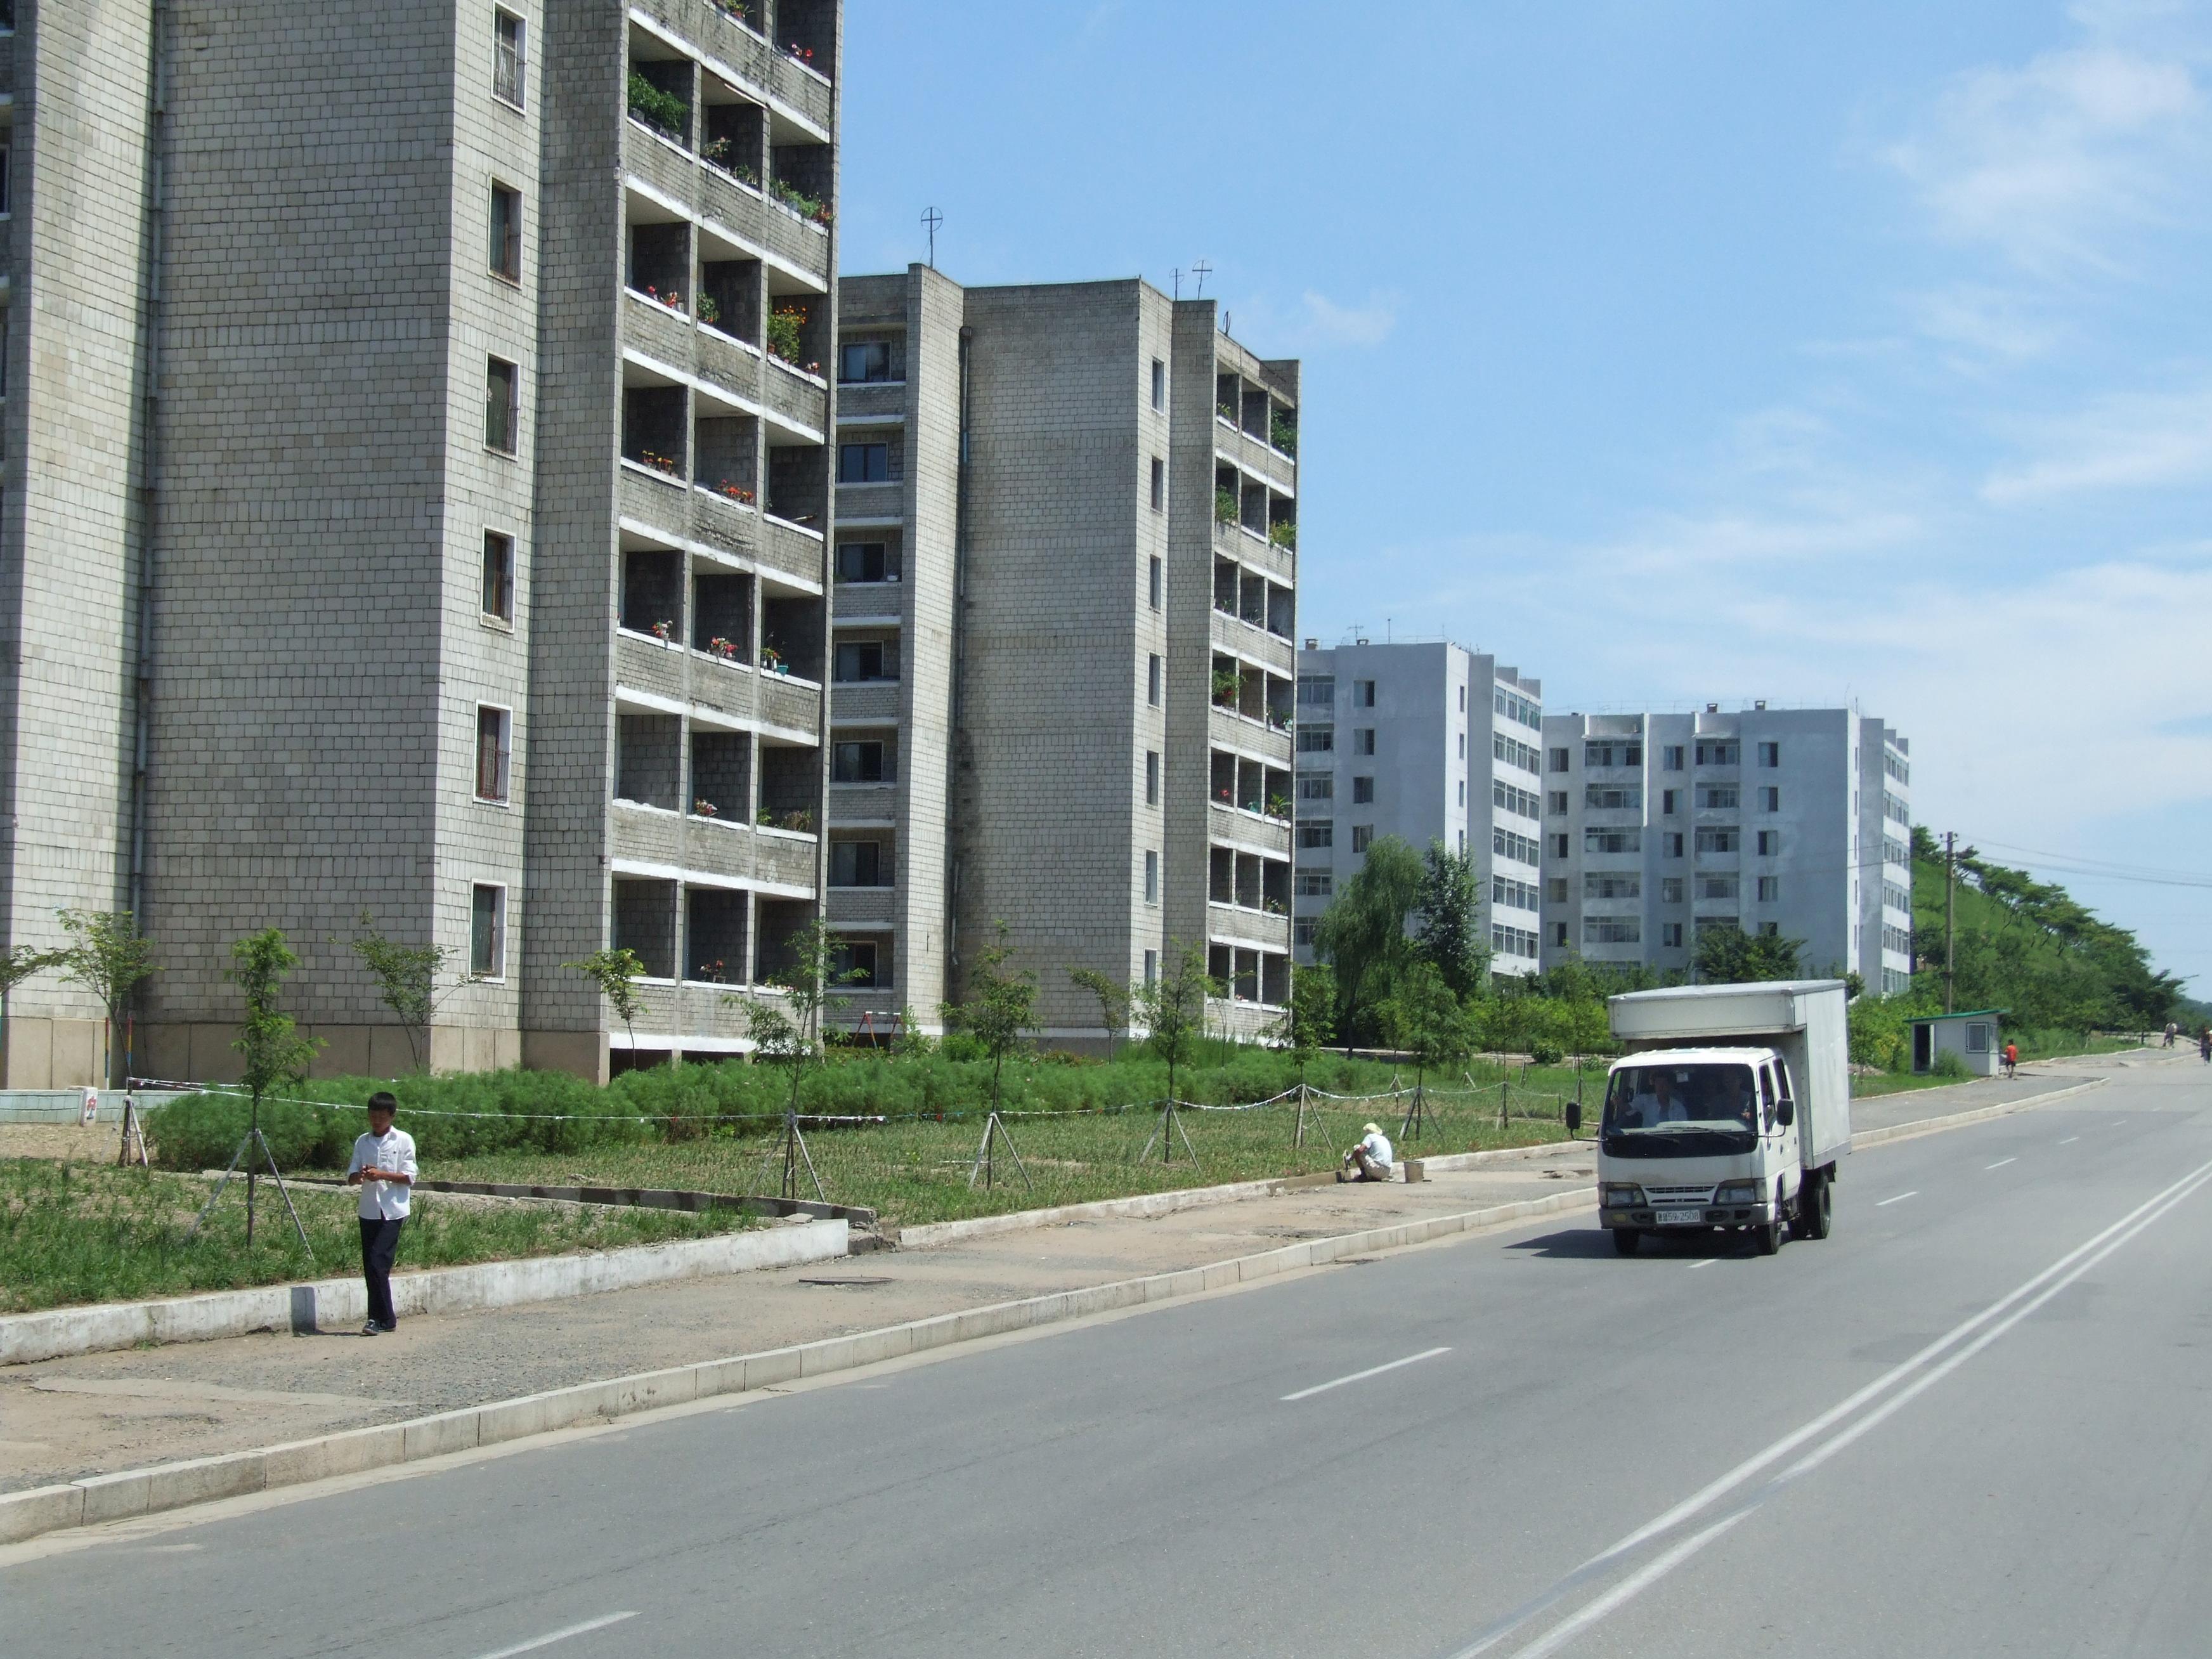 File:Verkehr in Nordkorea 07.JPG - Wikimedia Commons